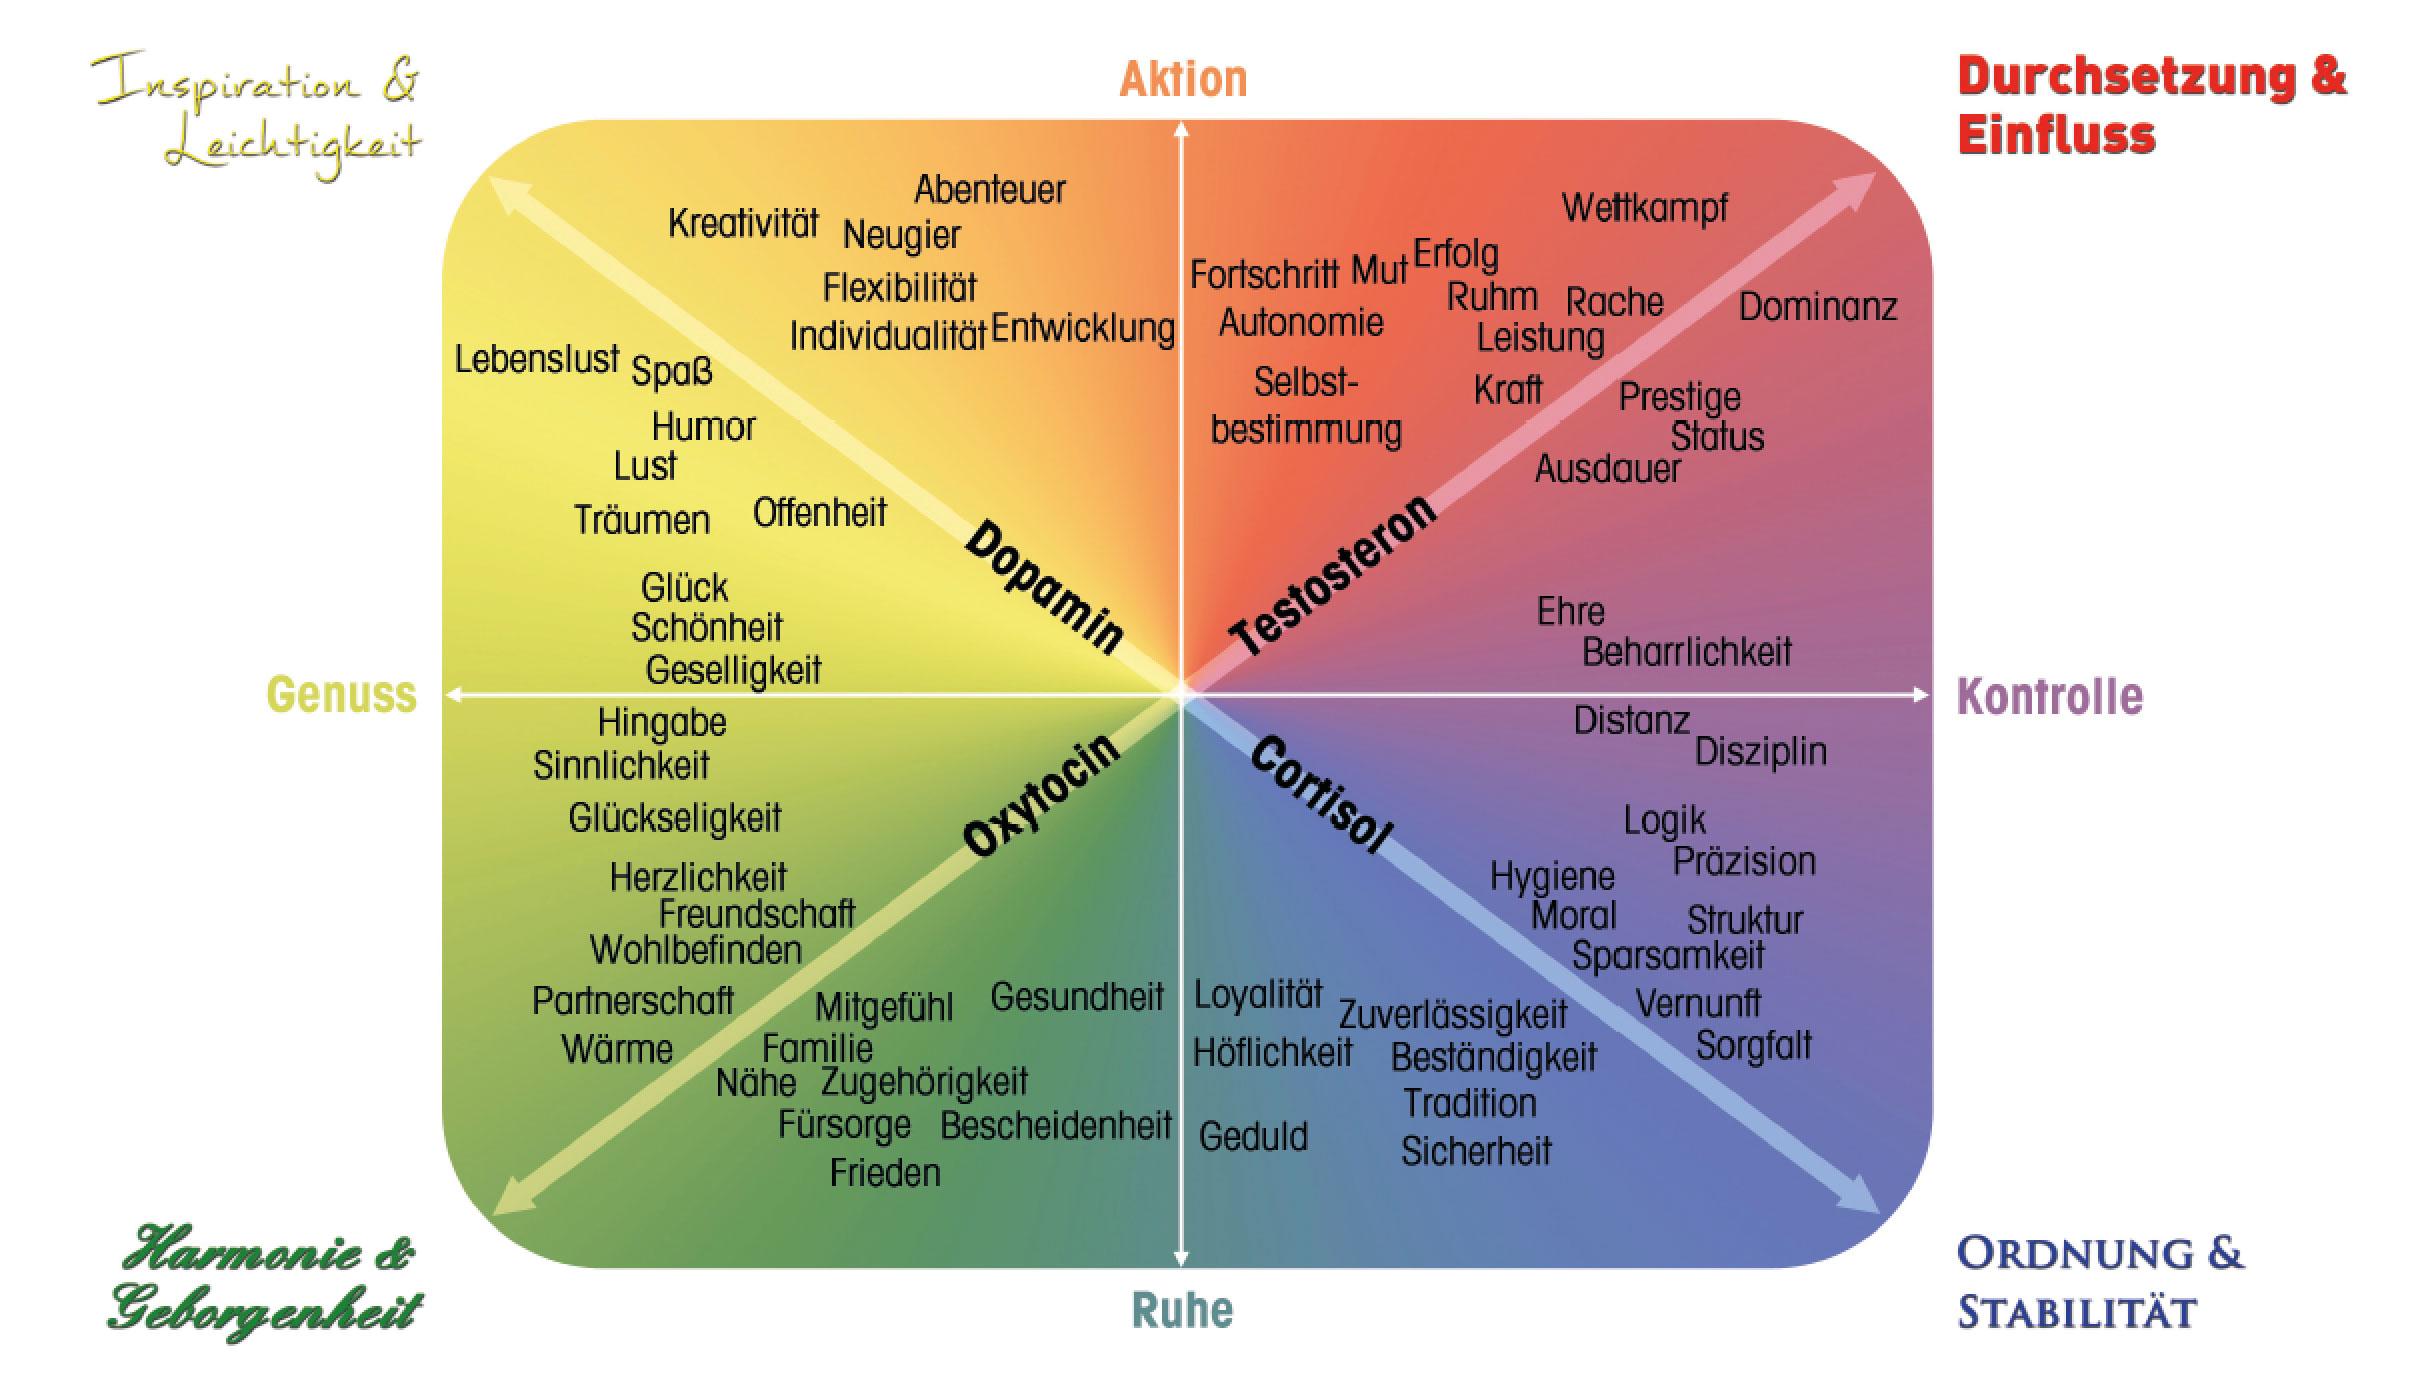 Motivkompass - Resilienz-Akademie